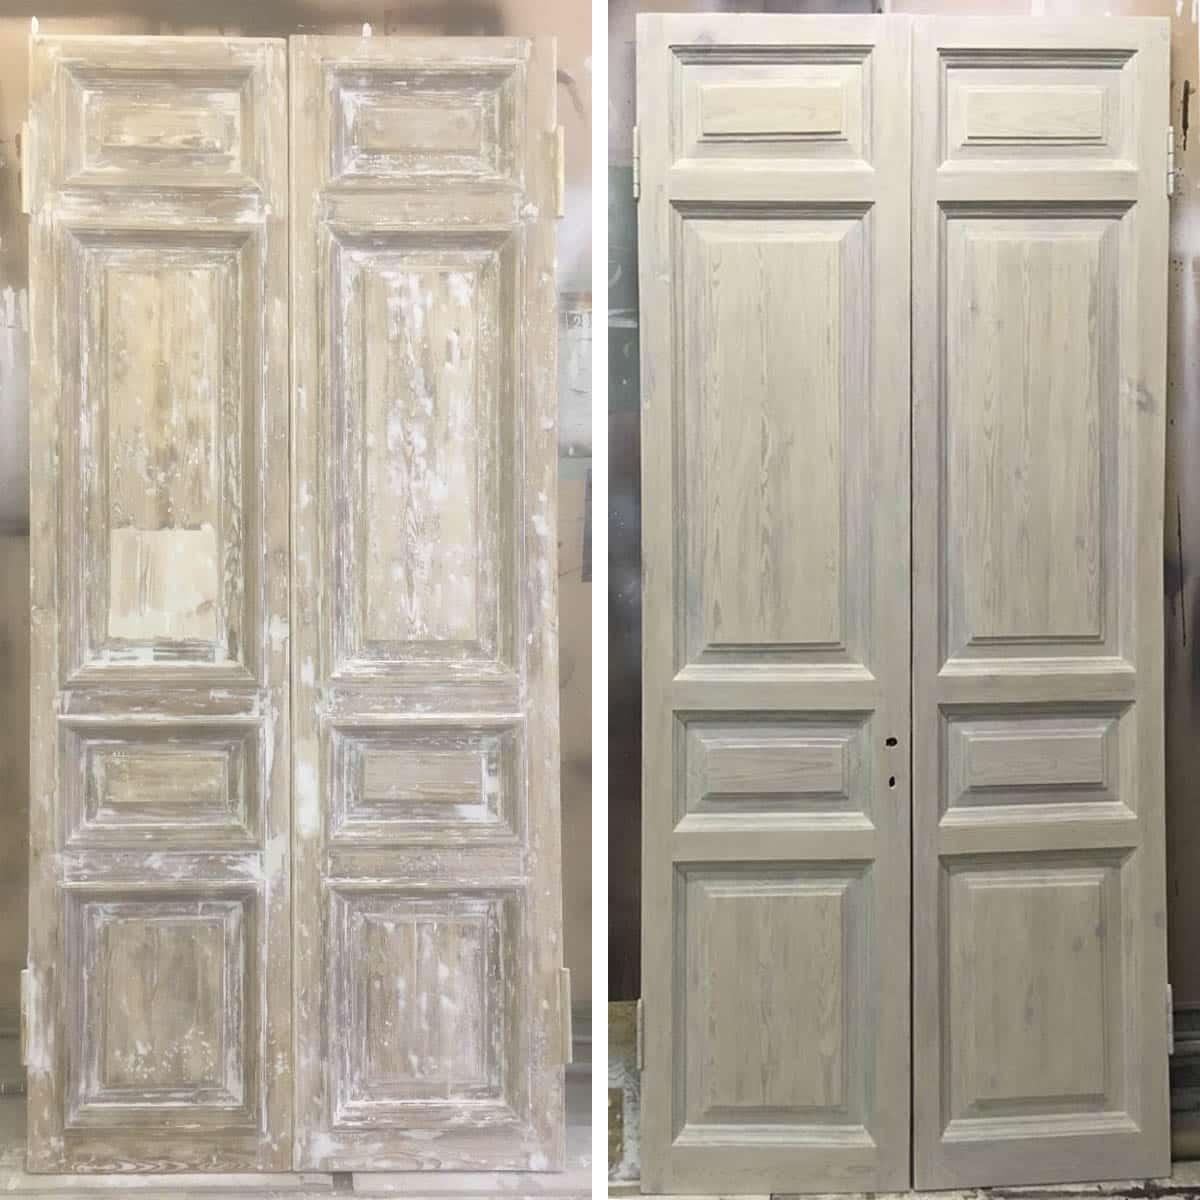 ремонт и реставрация межкомнатной двери (старый фонд)